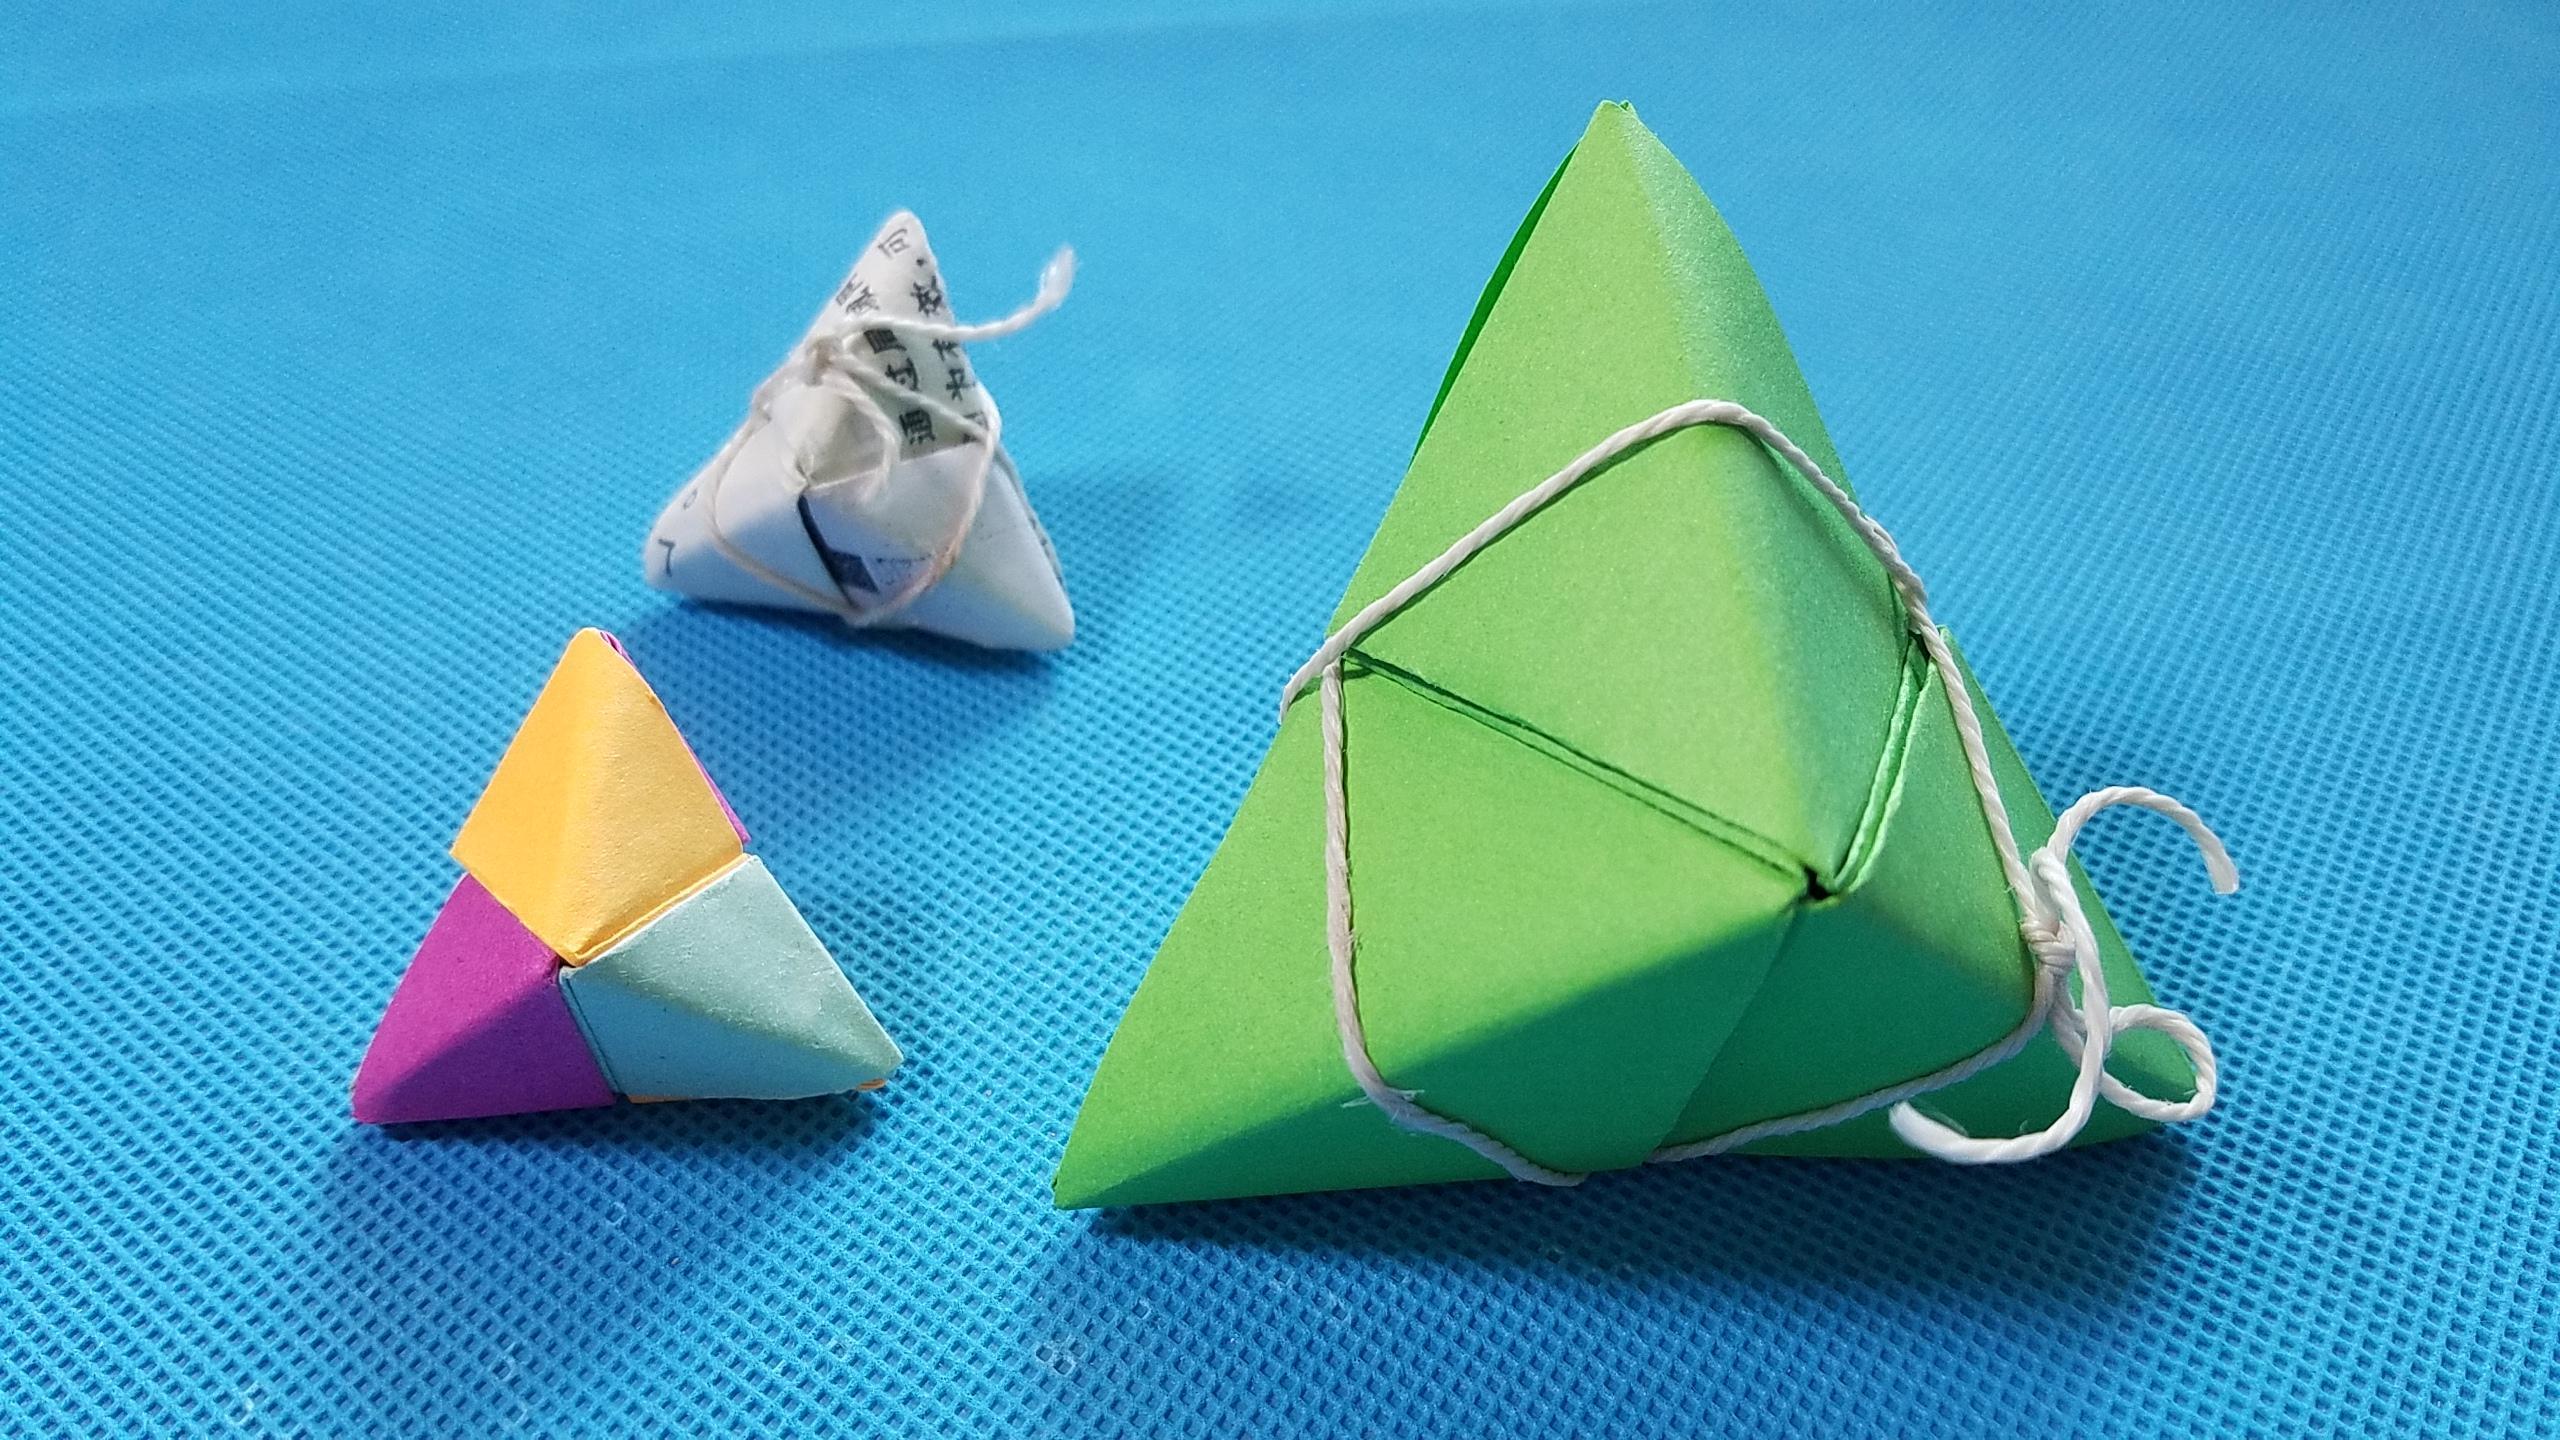 折纸王子教你折纸粽子 端午节折纸粽子视频教程